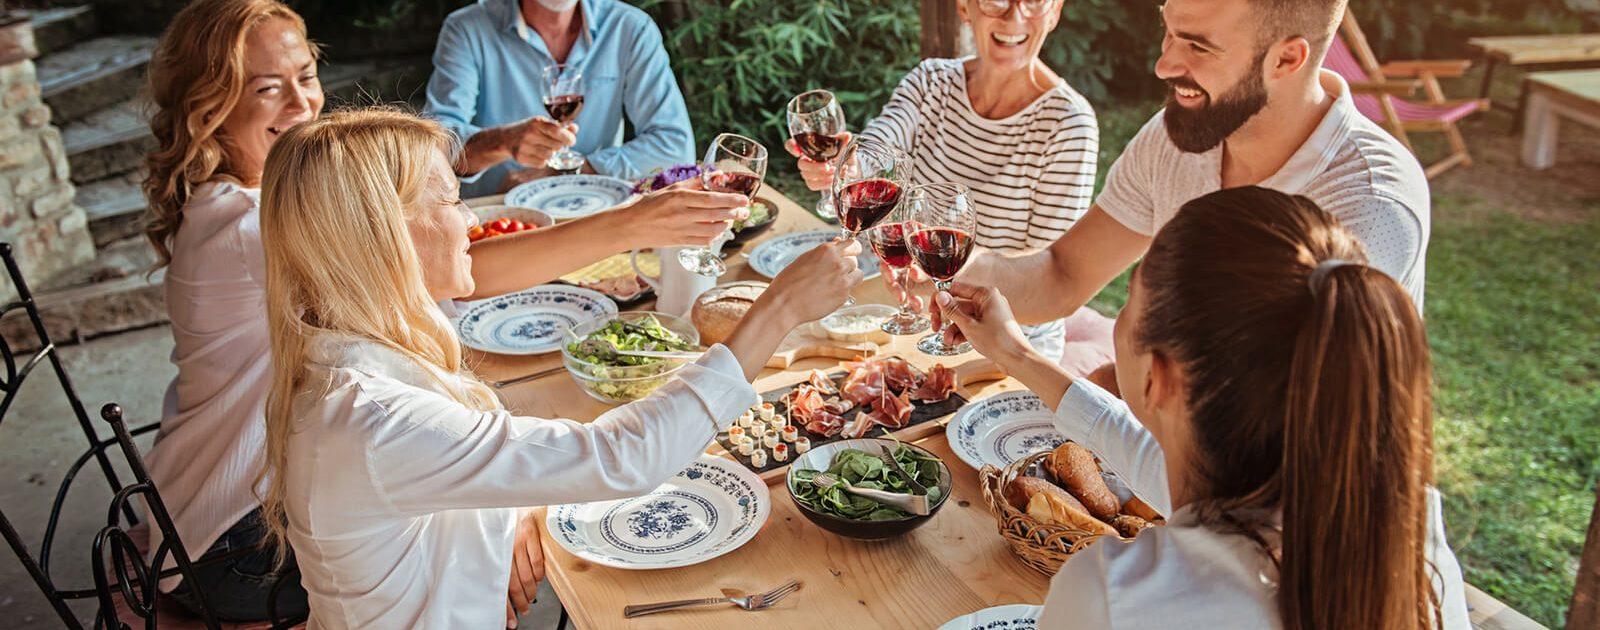 Personen am Tisch achten auf ihre Ernährung, um Hämorrhoiden zu vermeiden